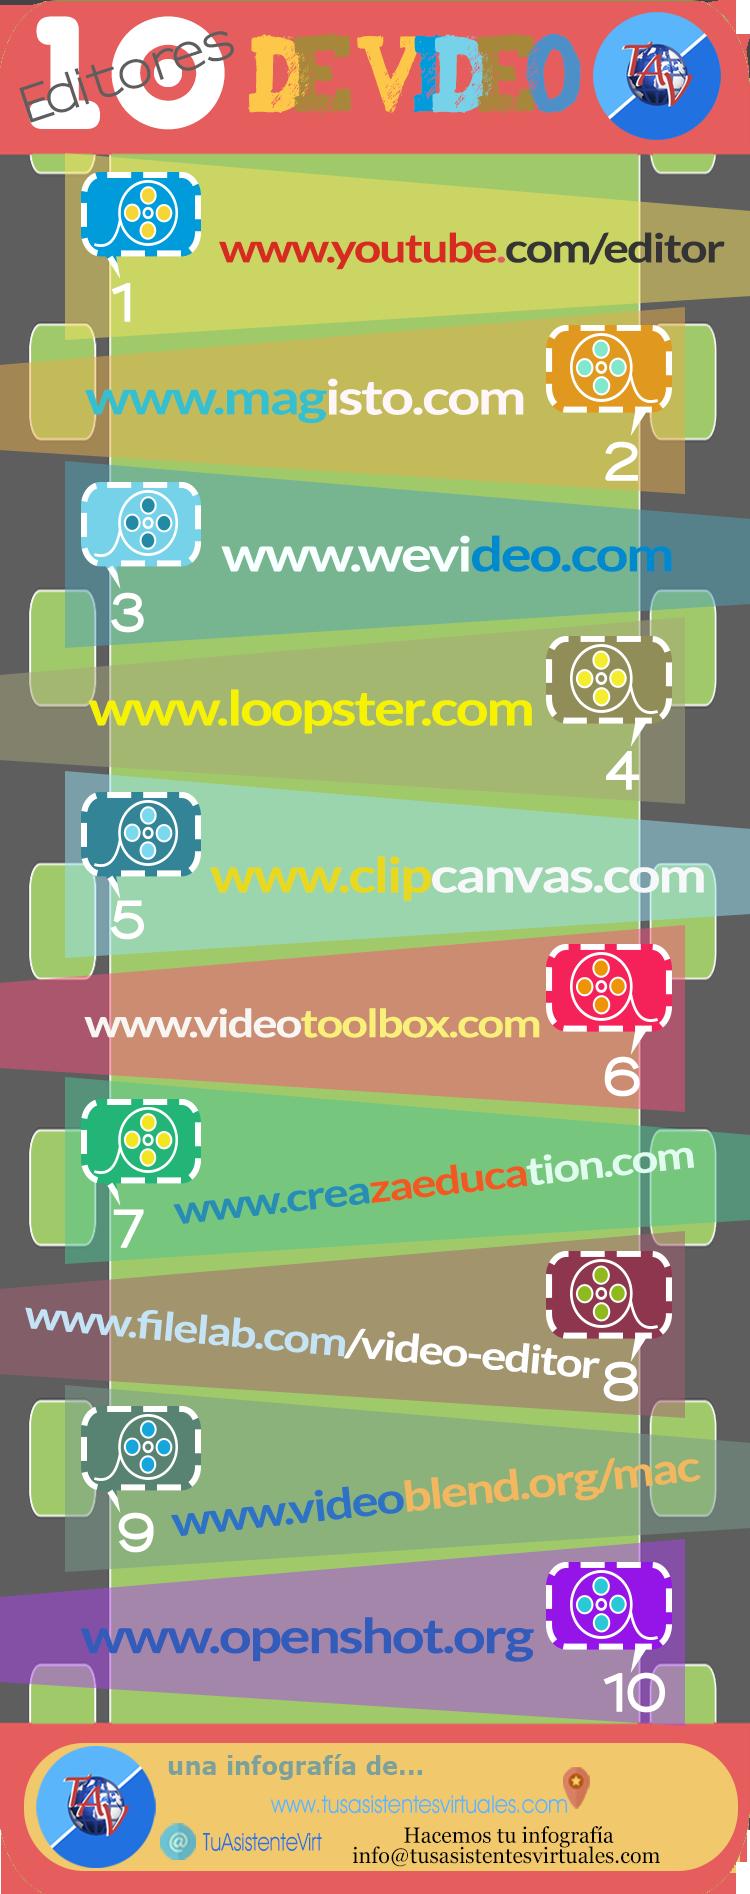 #infografía: 10 editores de vídeo online